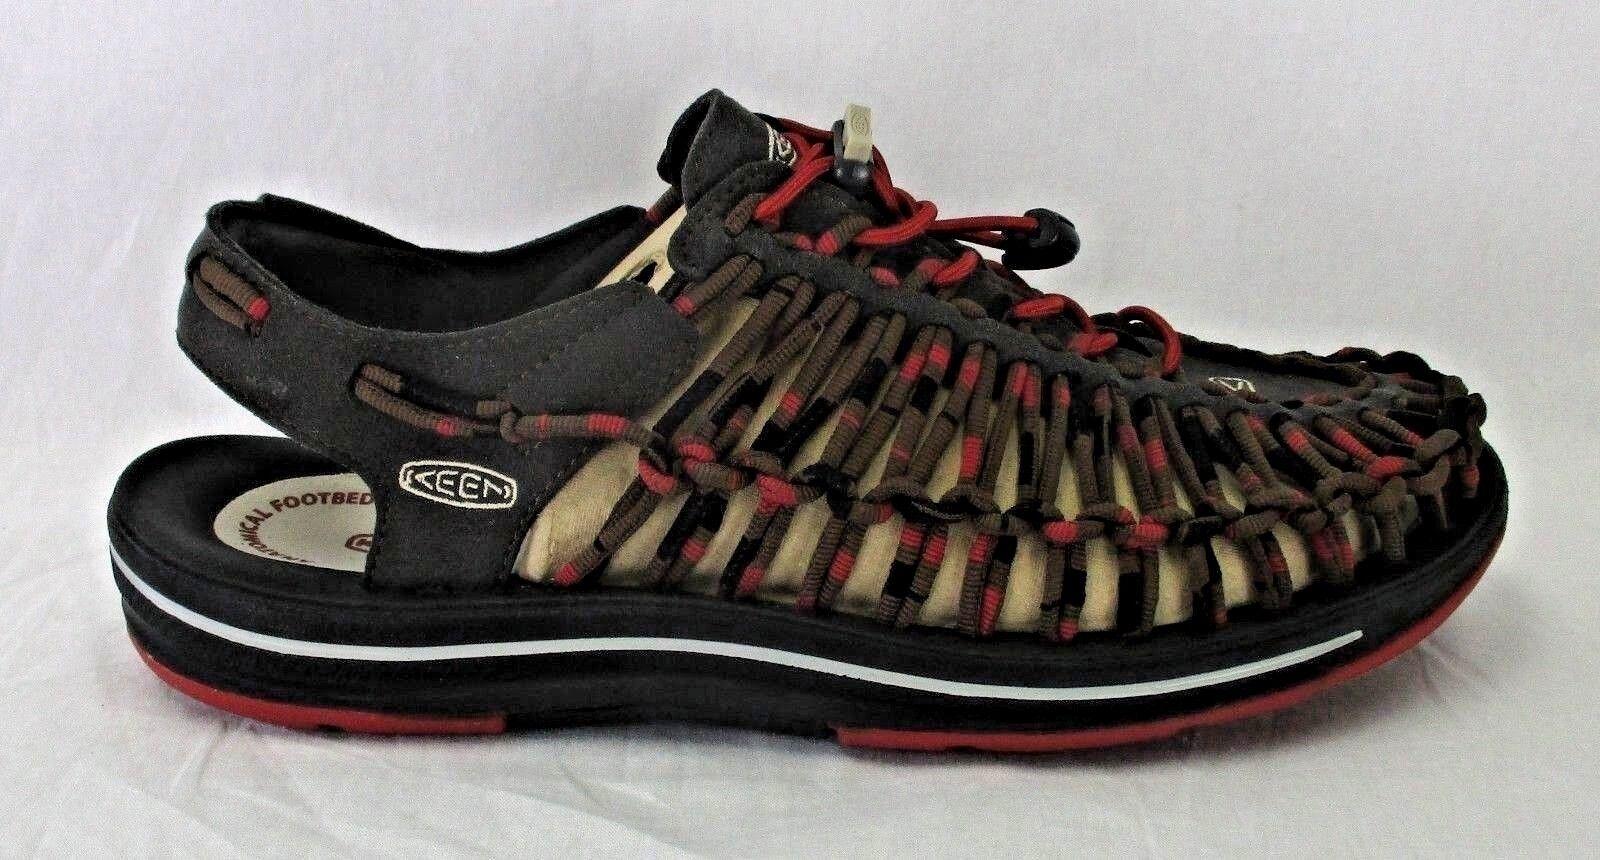 Sandali e scarpe per il mare da uomo Keen uomos Uneek Stipes 1014620 Dahlia Raya Size 10